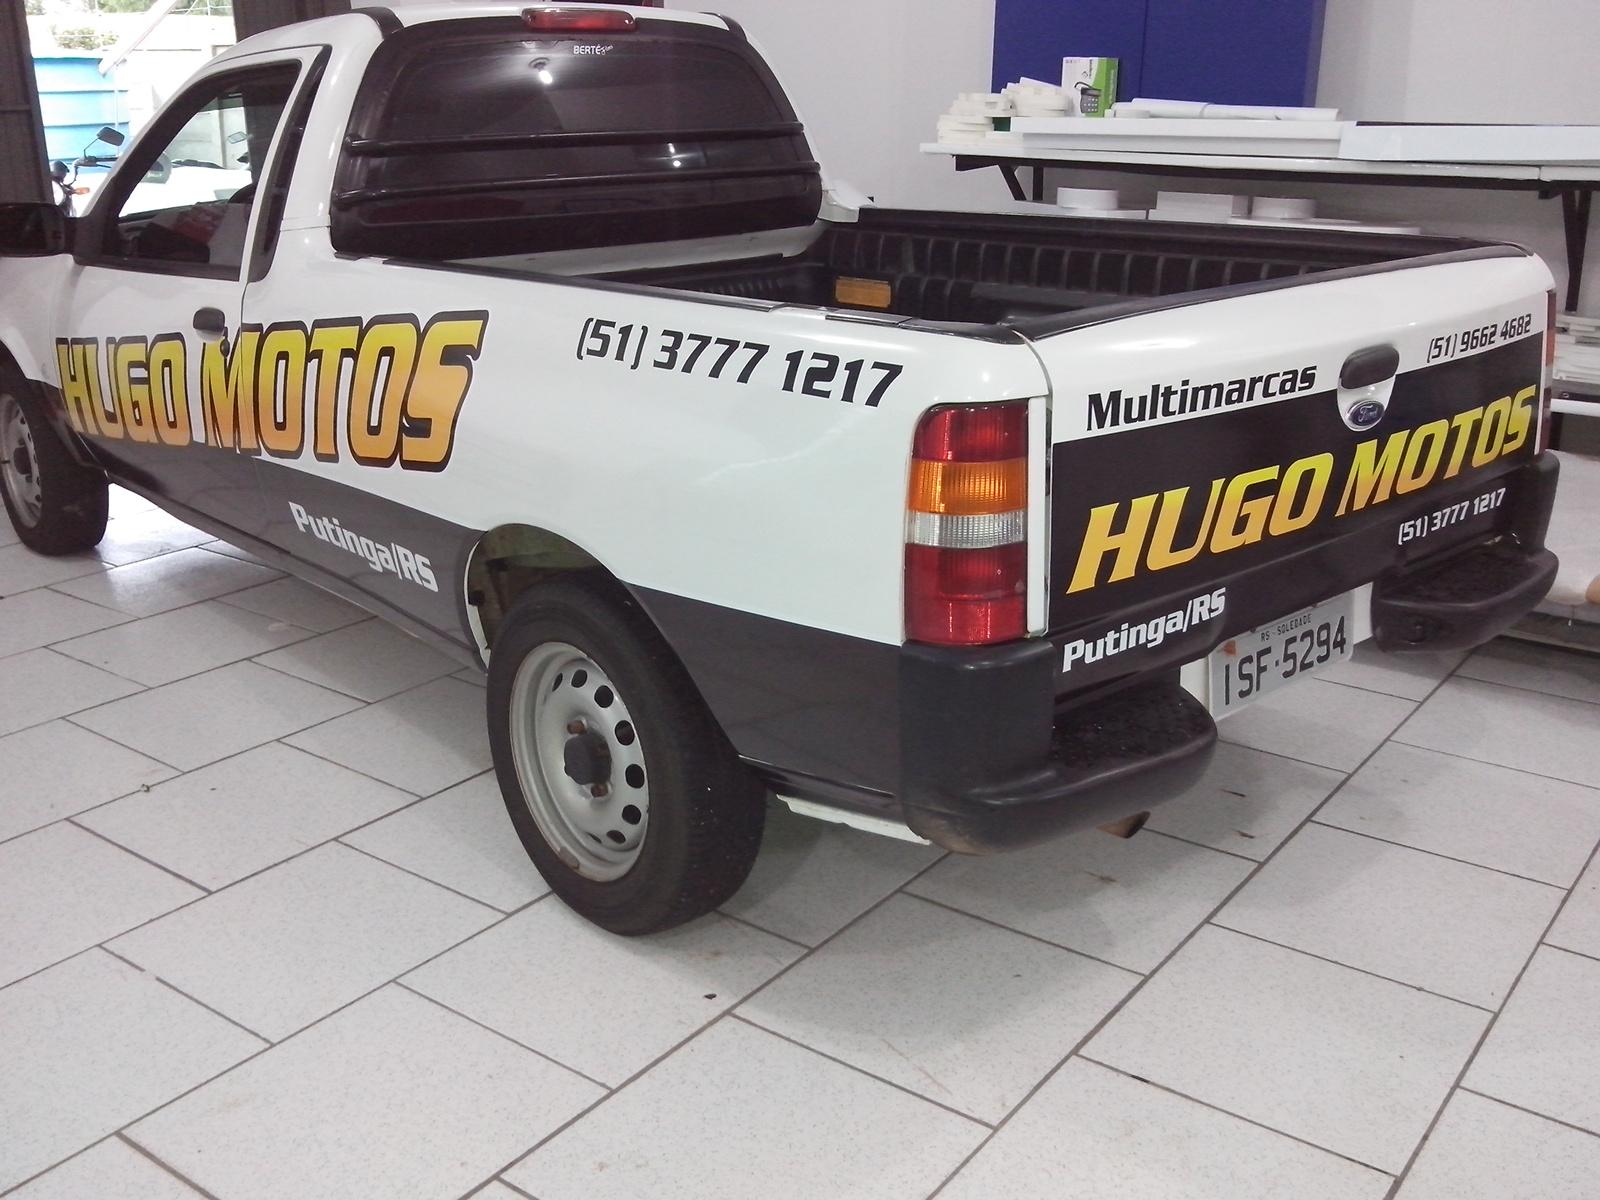 Hugo Motos 1